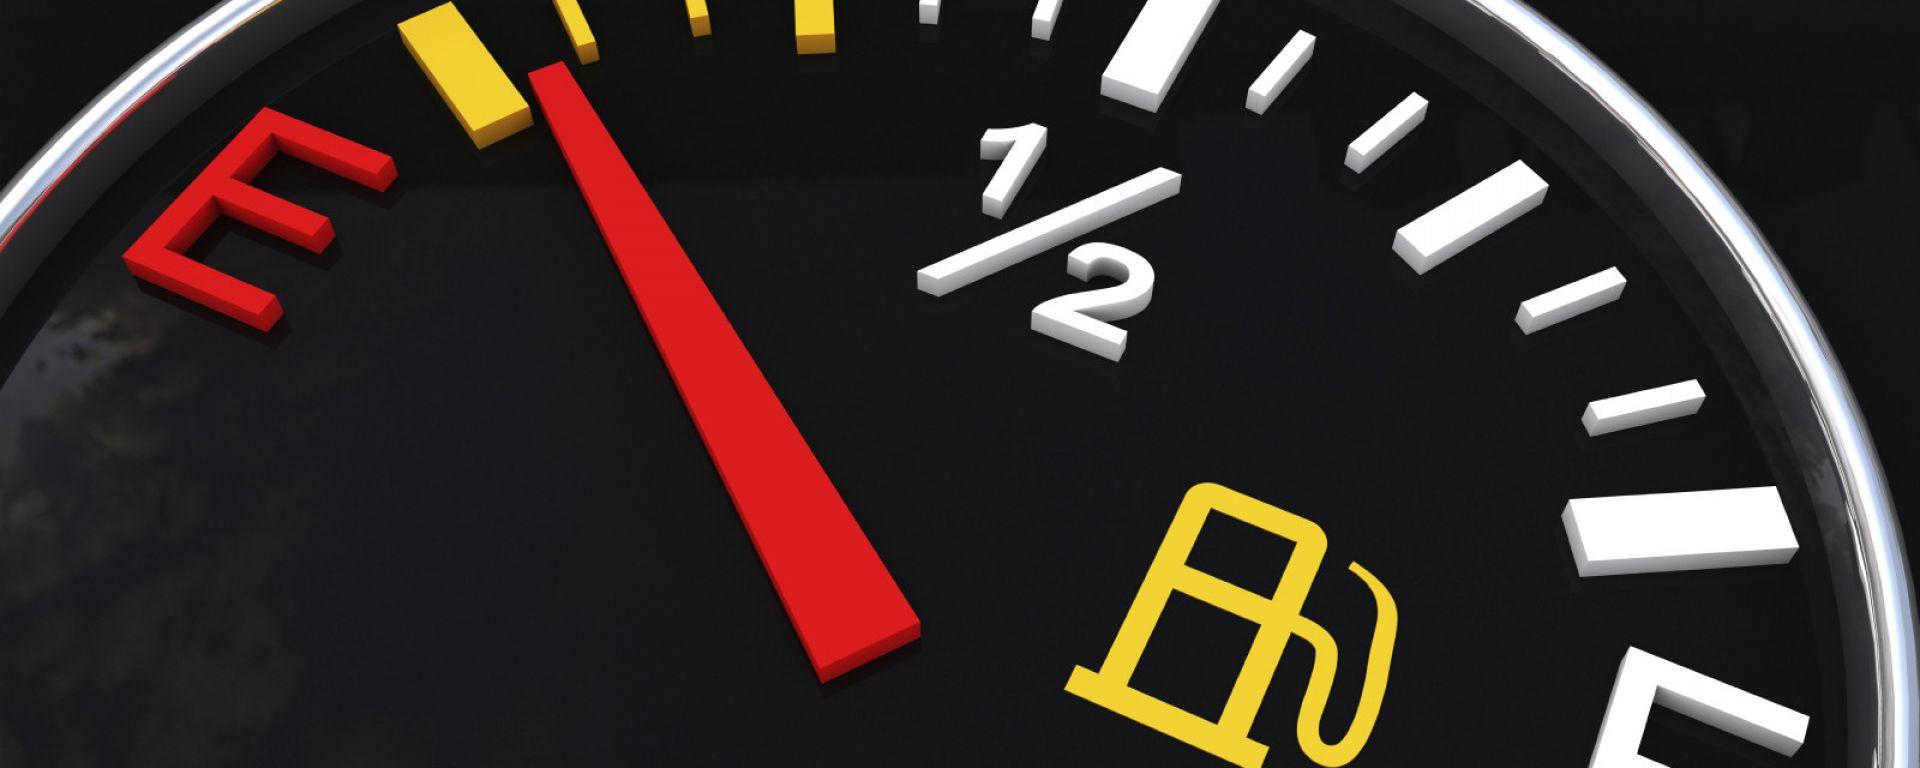 Incentivi auto 2020, rischio esaurimento fondi prematuro